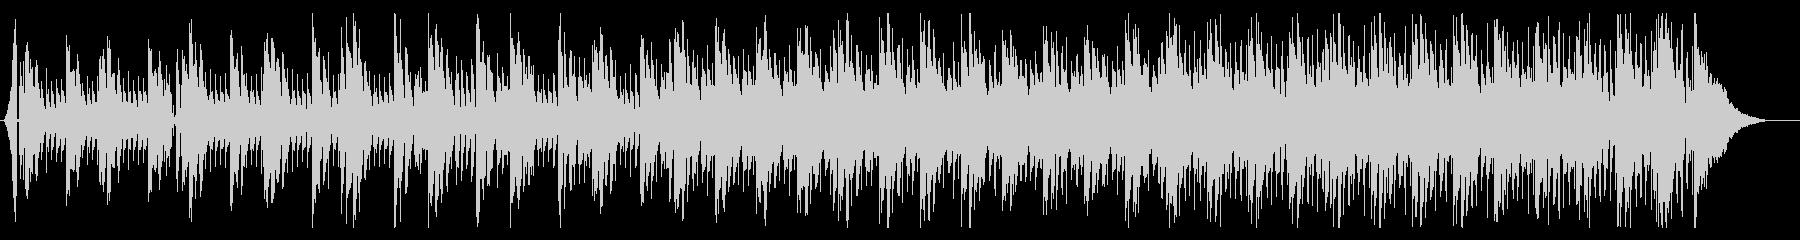 ニュース等に躍動感あるシンプル4つ打ちの未再生の波形